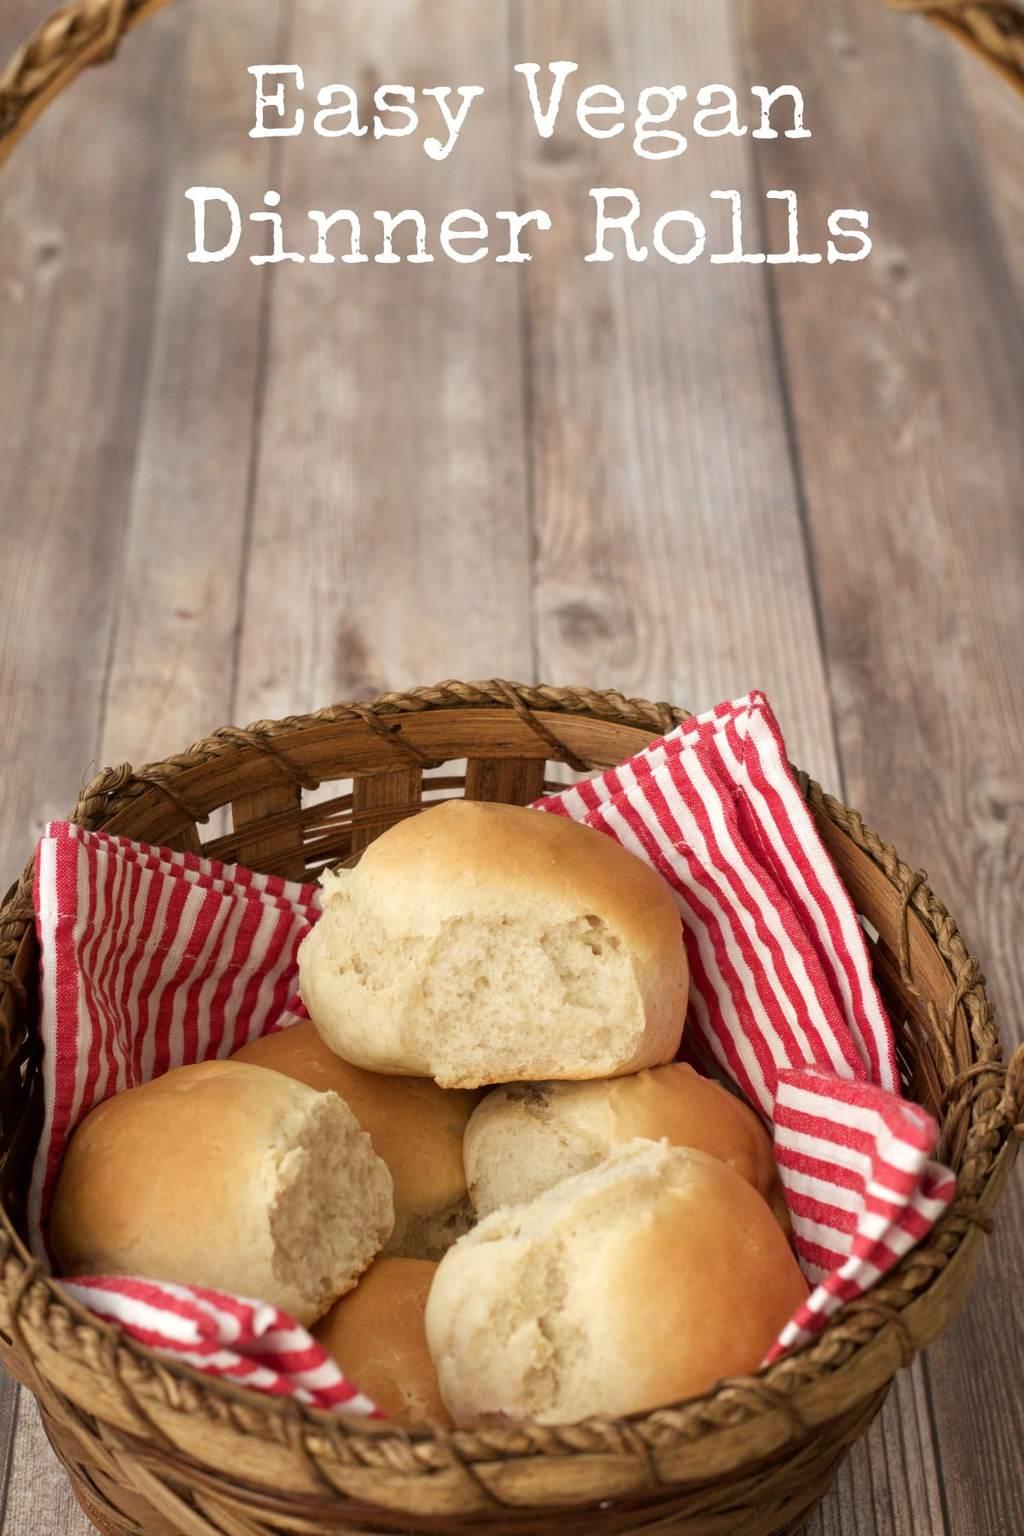 Easy Vegan Dinner Rolls #vegan #lovingitvegan #dinner #rolls #smallbatch #sides